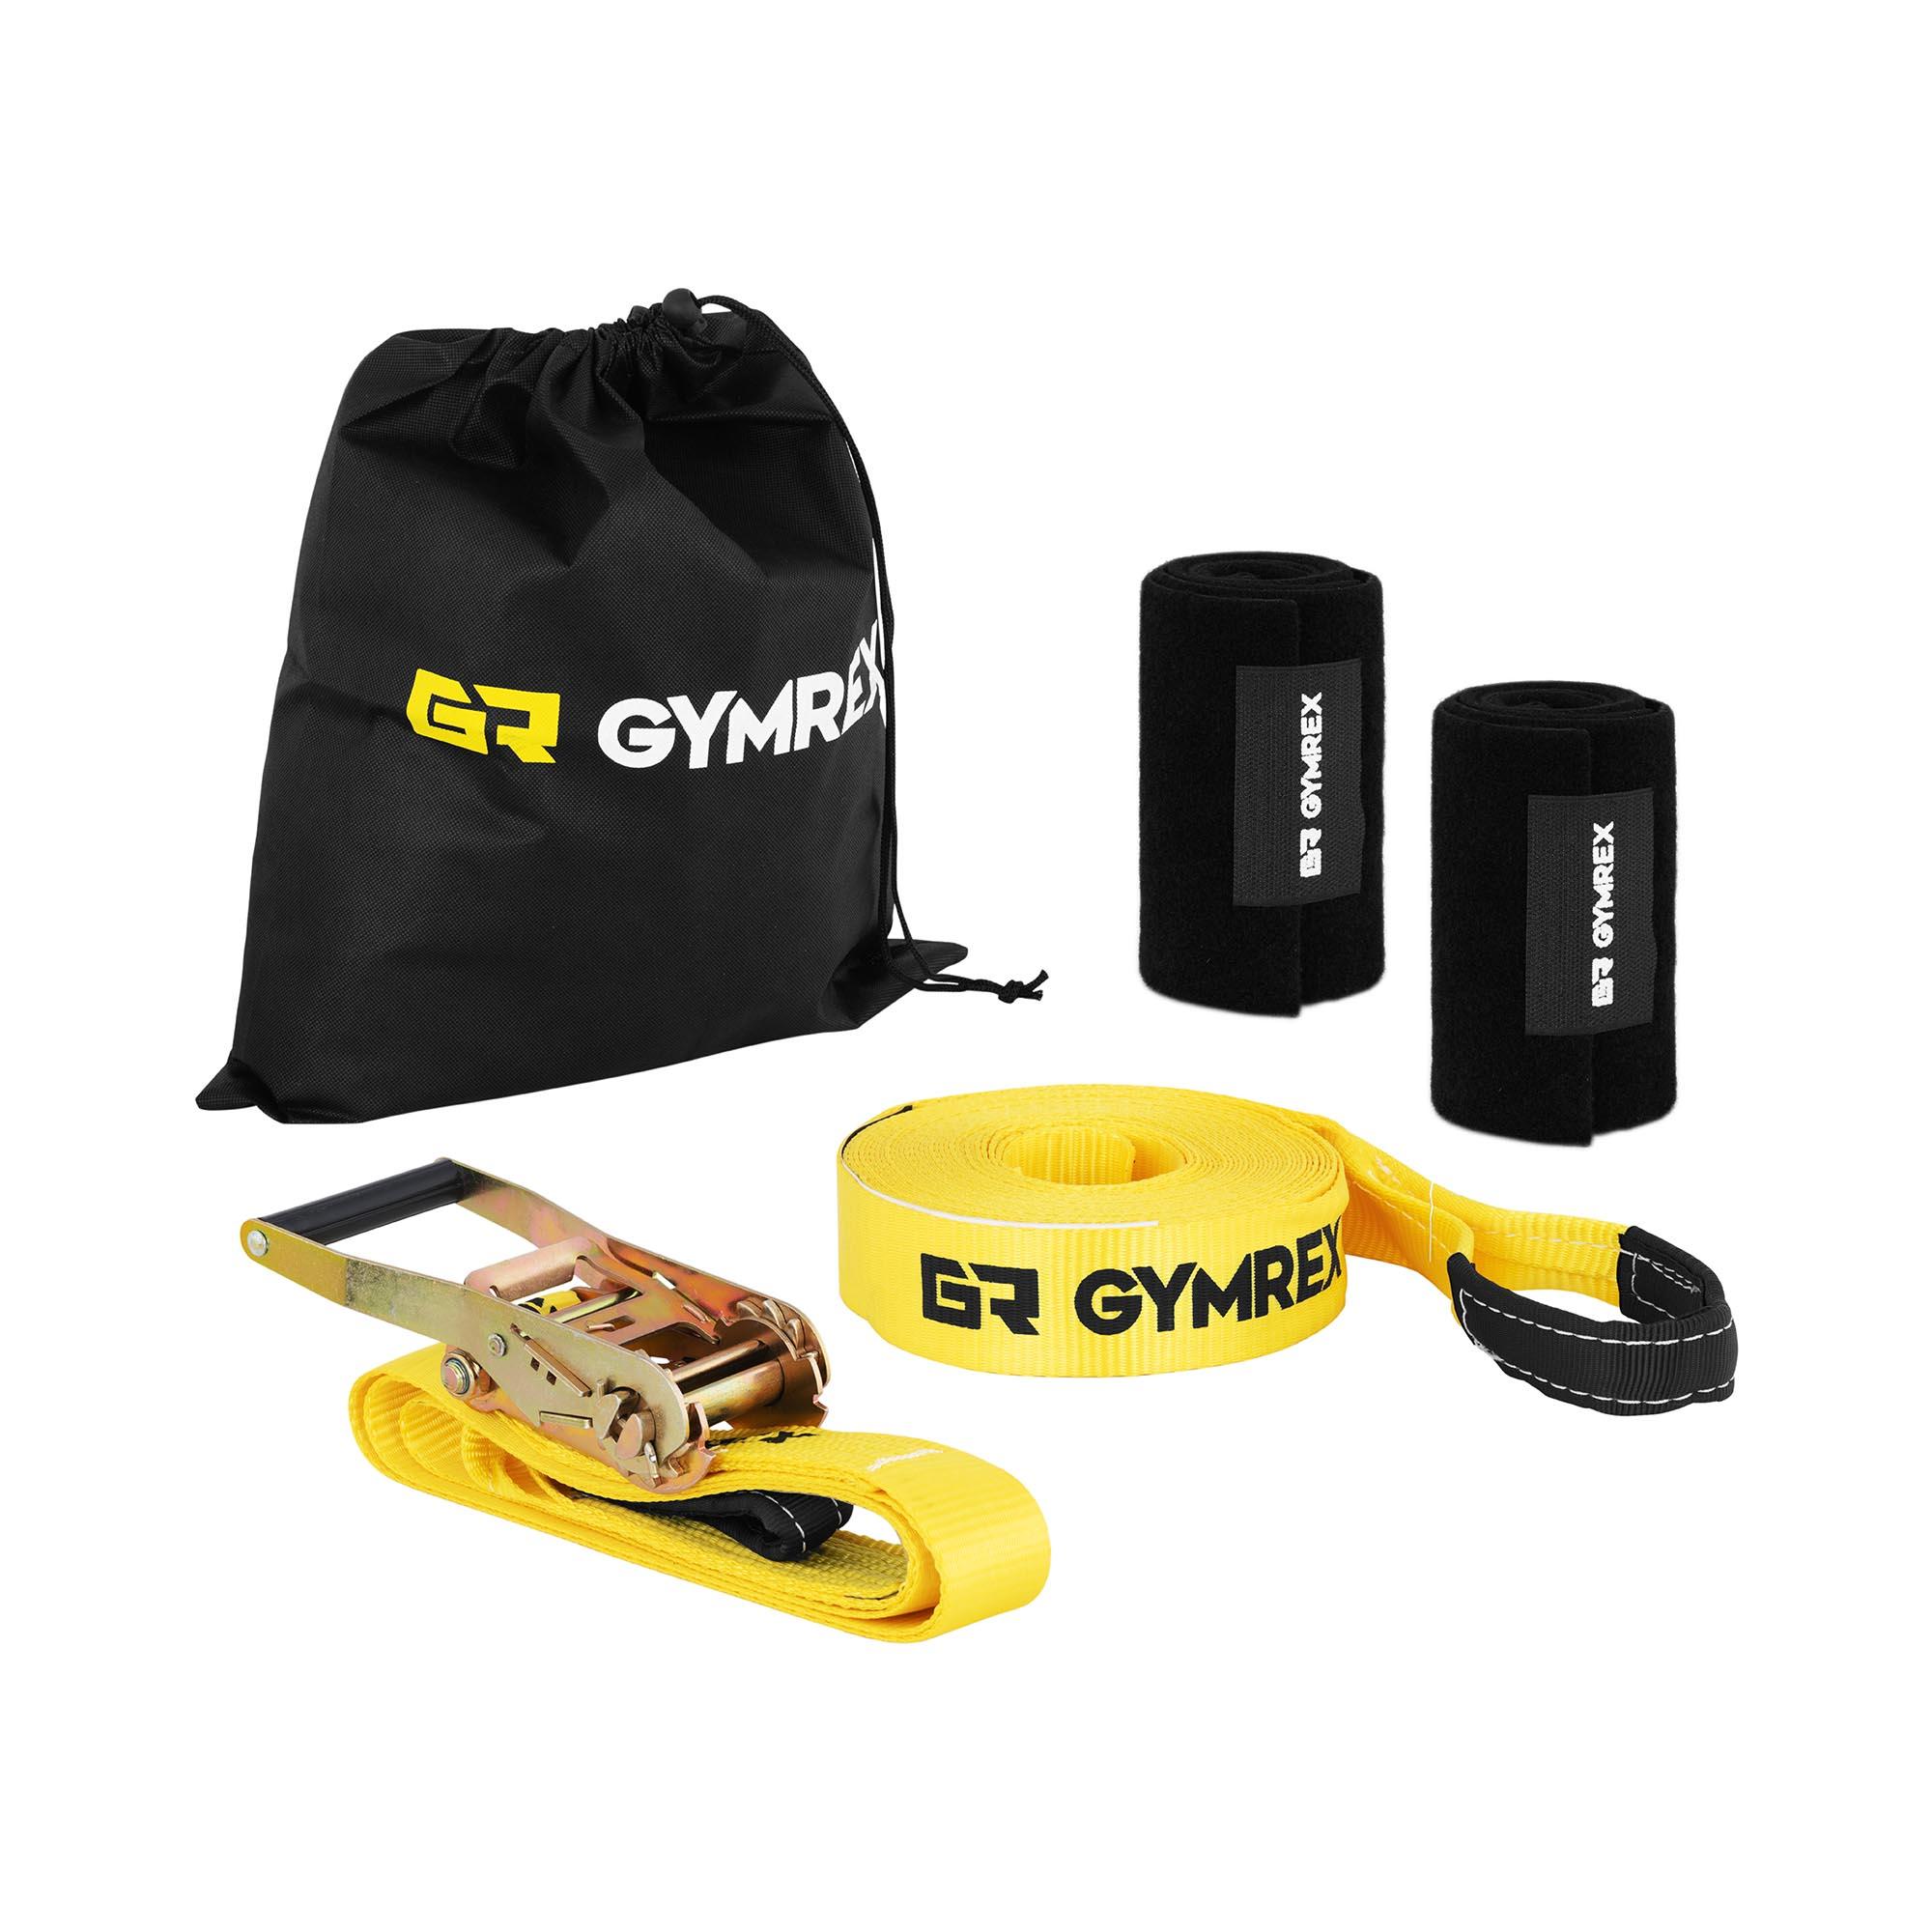 Gymrex Slackline - 13 m - Ratsche - Baumschutz 10230149